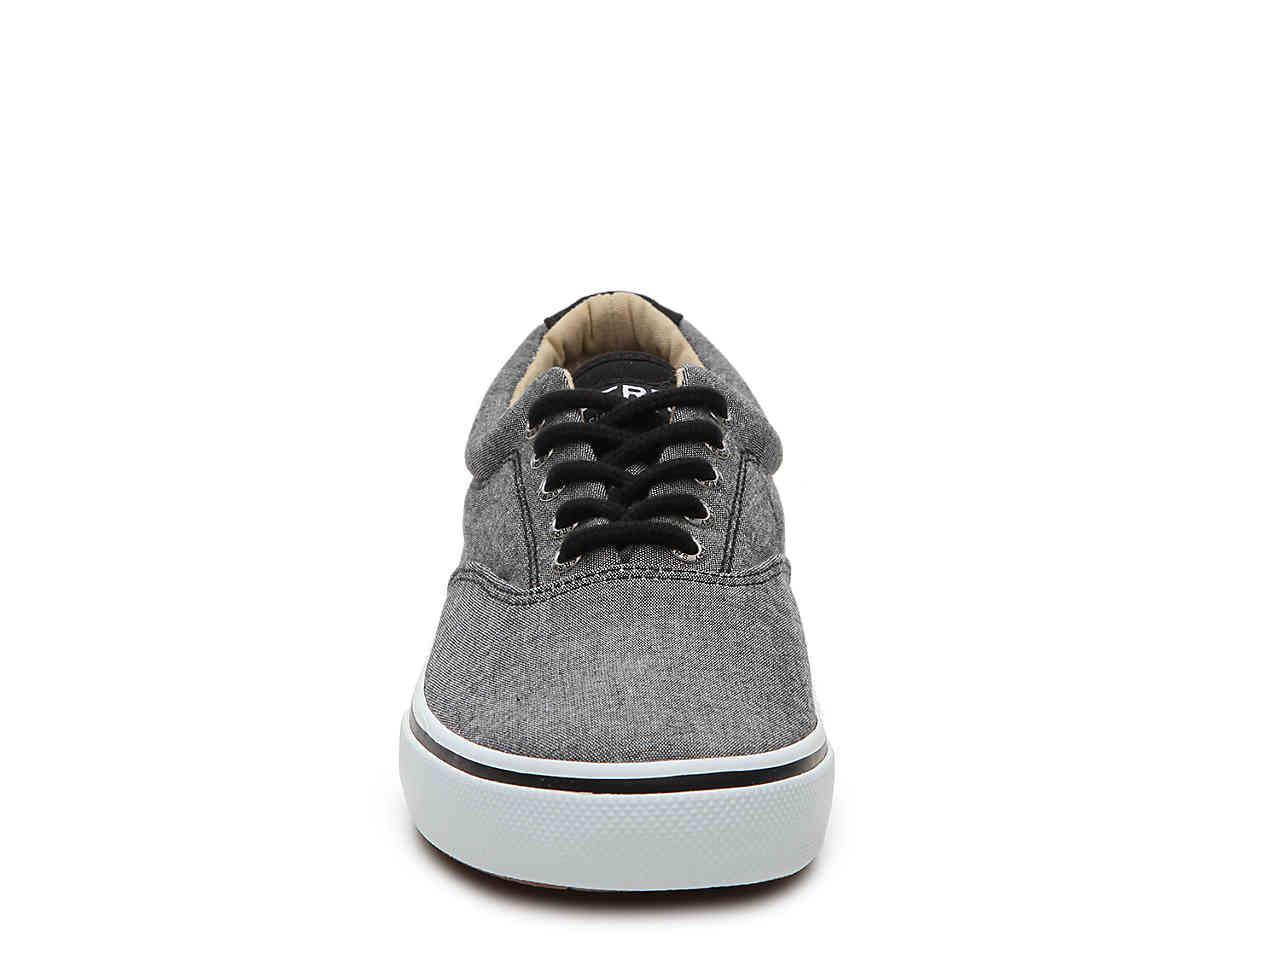 4cb1e8b5e822f3 ... Gray Halyard Sneaker for Men - Lyst. View fullscreen